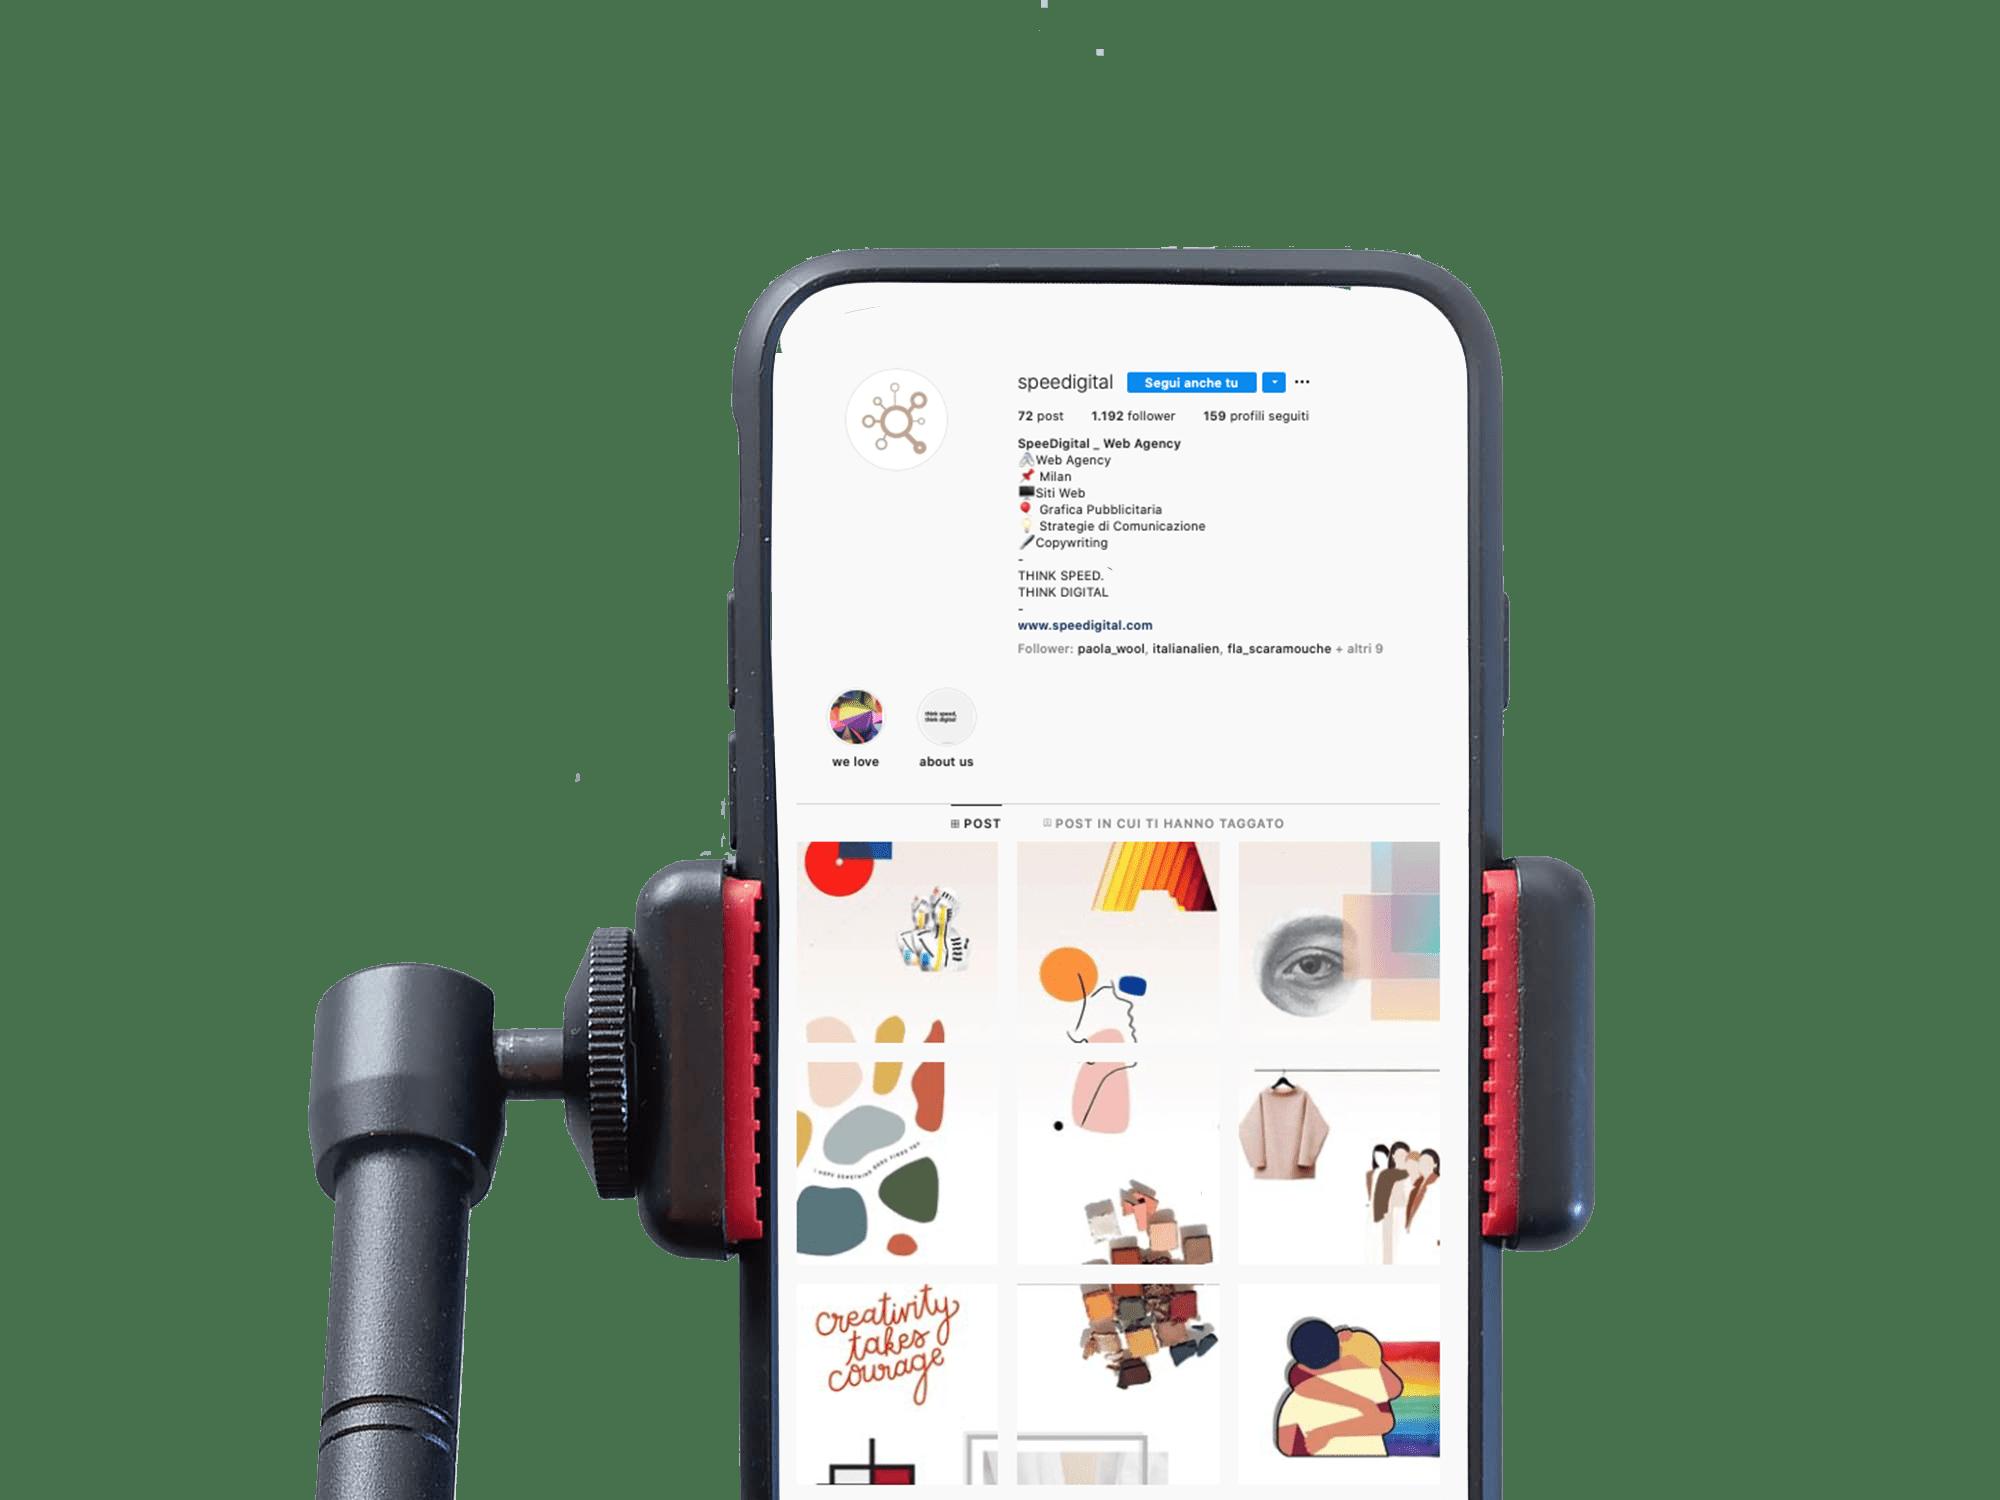 gestione profilo instagram per piccole imprese